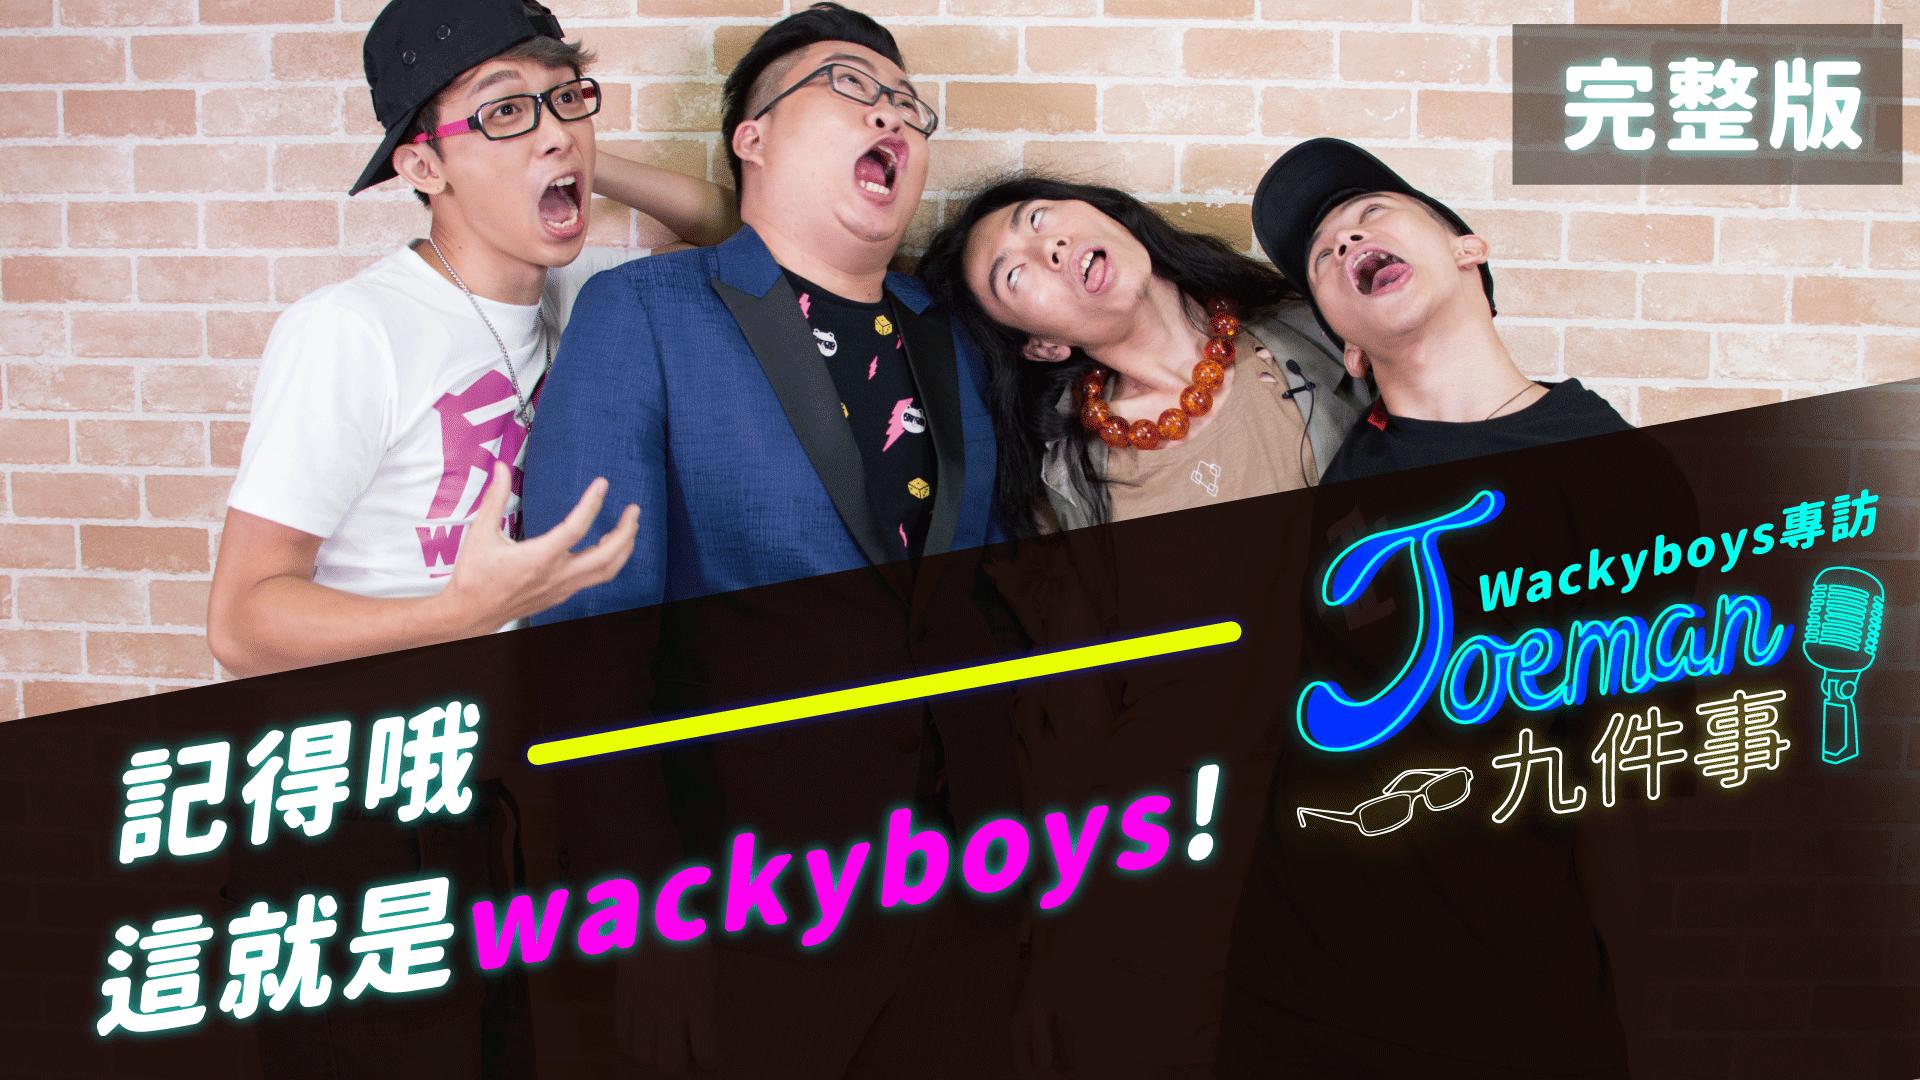 記得哦 這就是wackyboys|《Joeman九件事》反骨男孩專訪